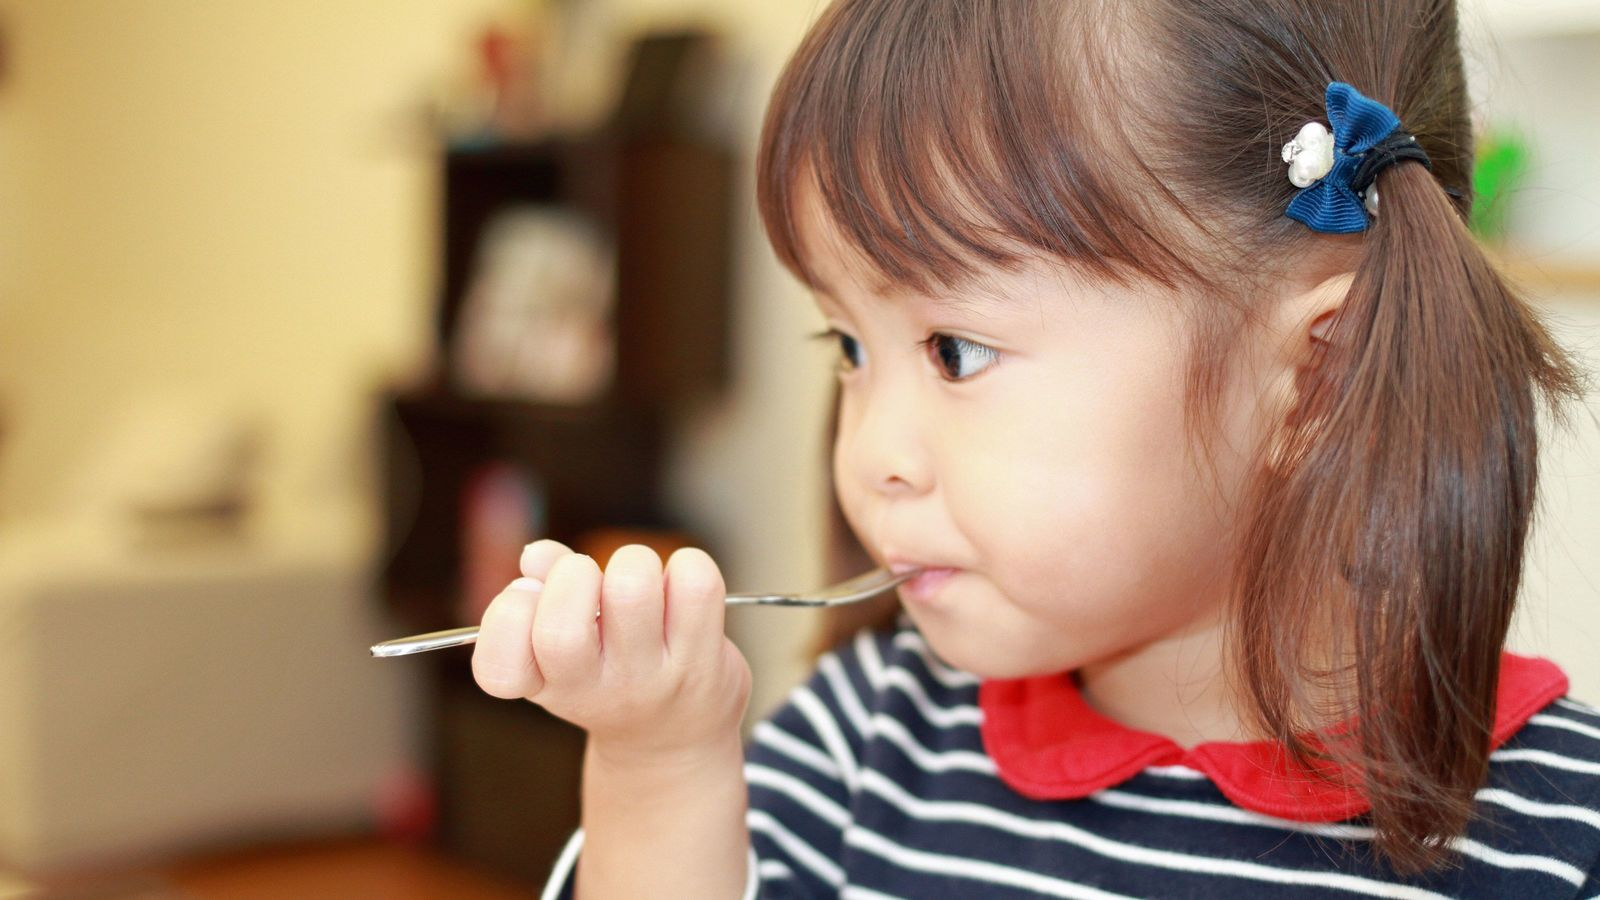 2歳児に「給食とり放題」をさせる保育園の狙い 「食べなくちゃいけない」からも解放